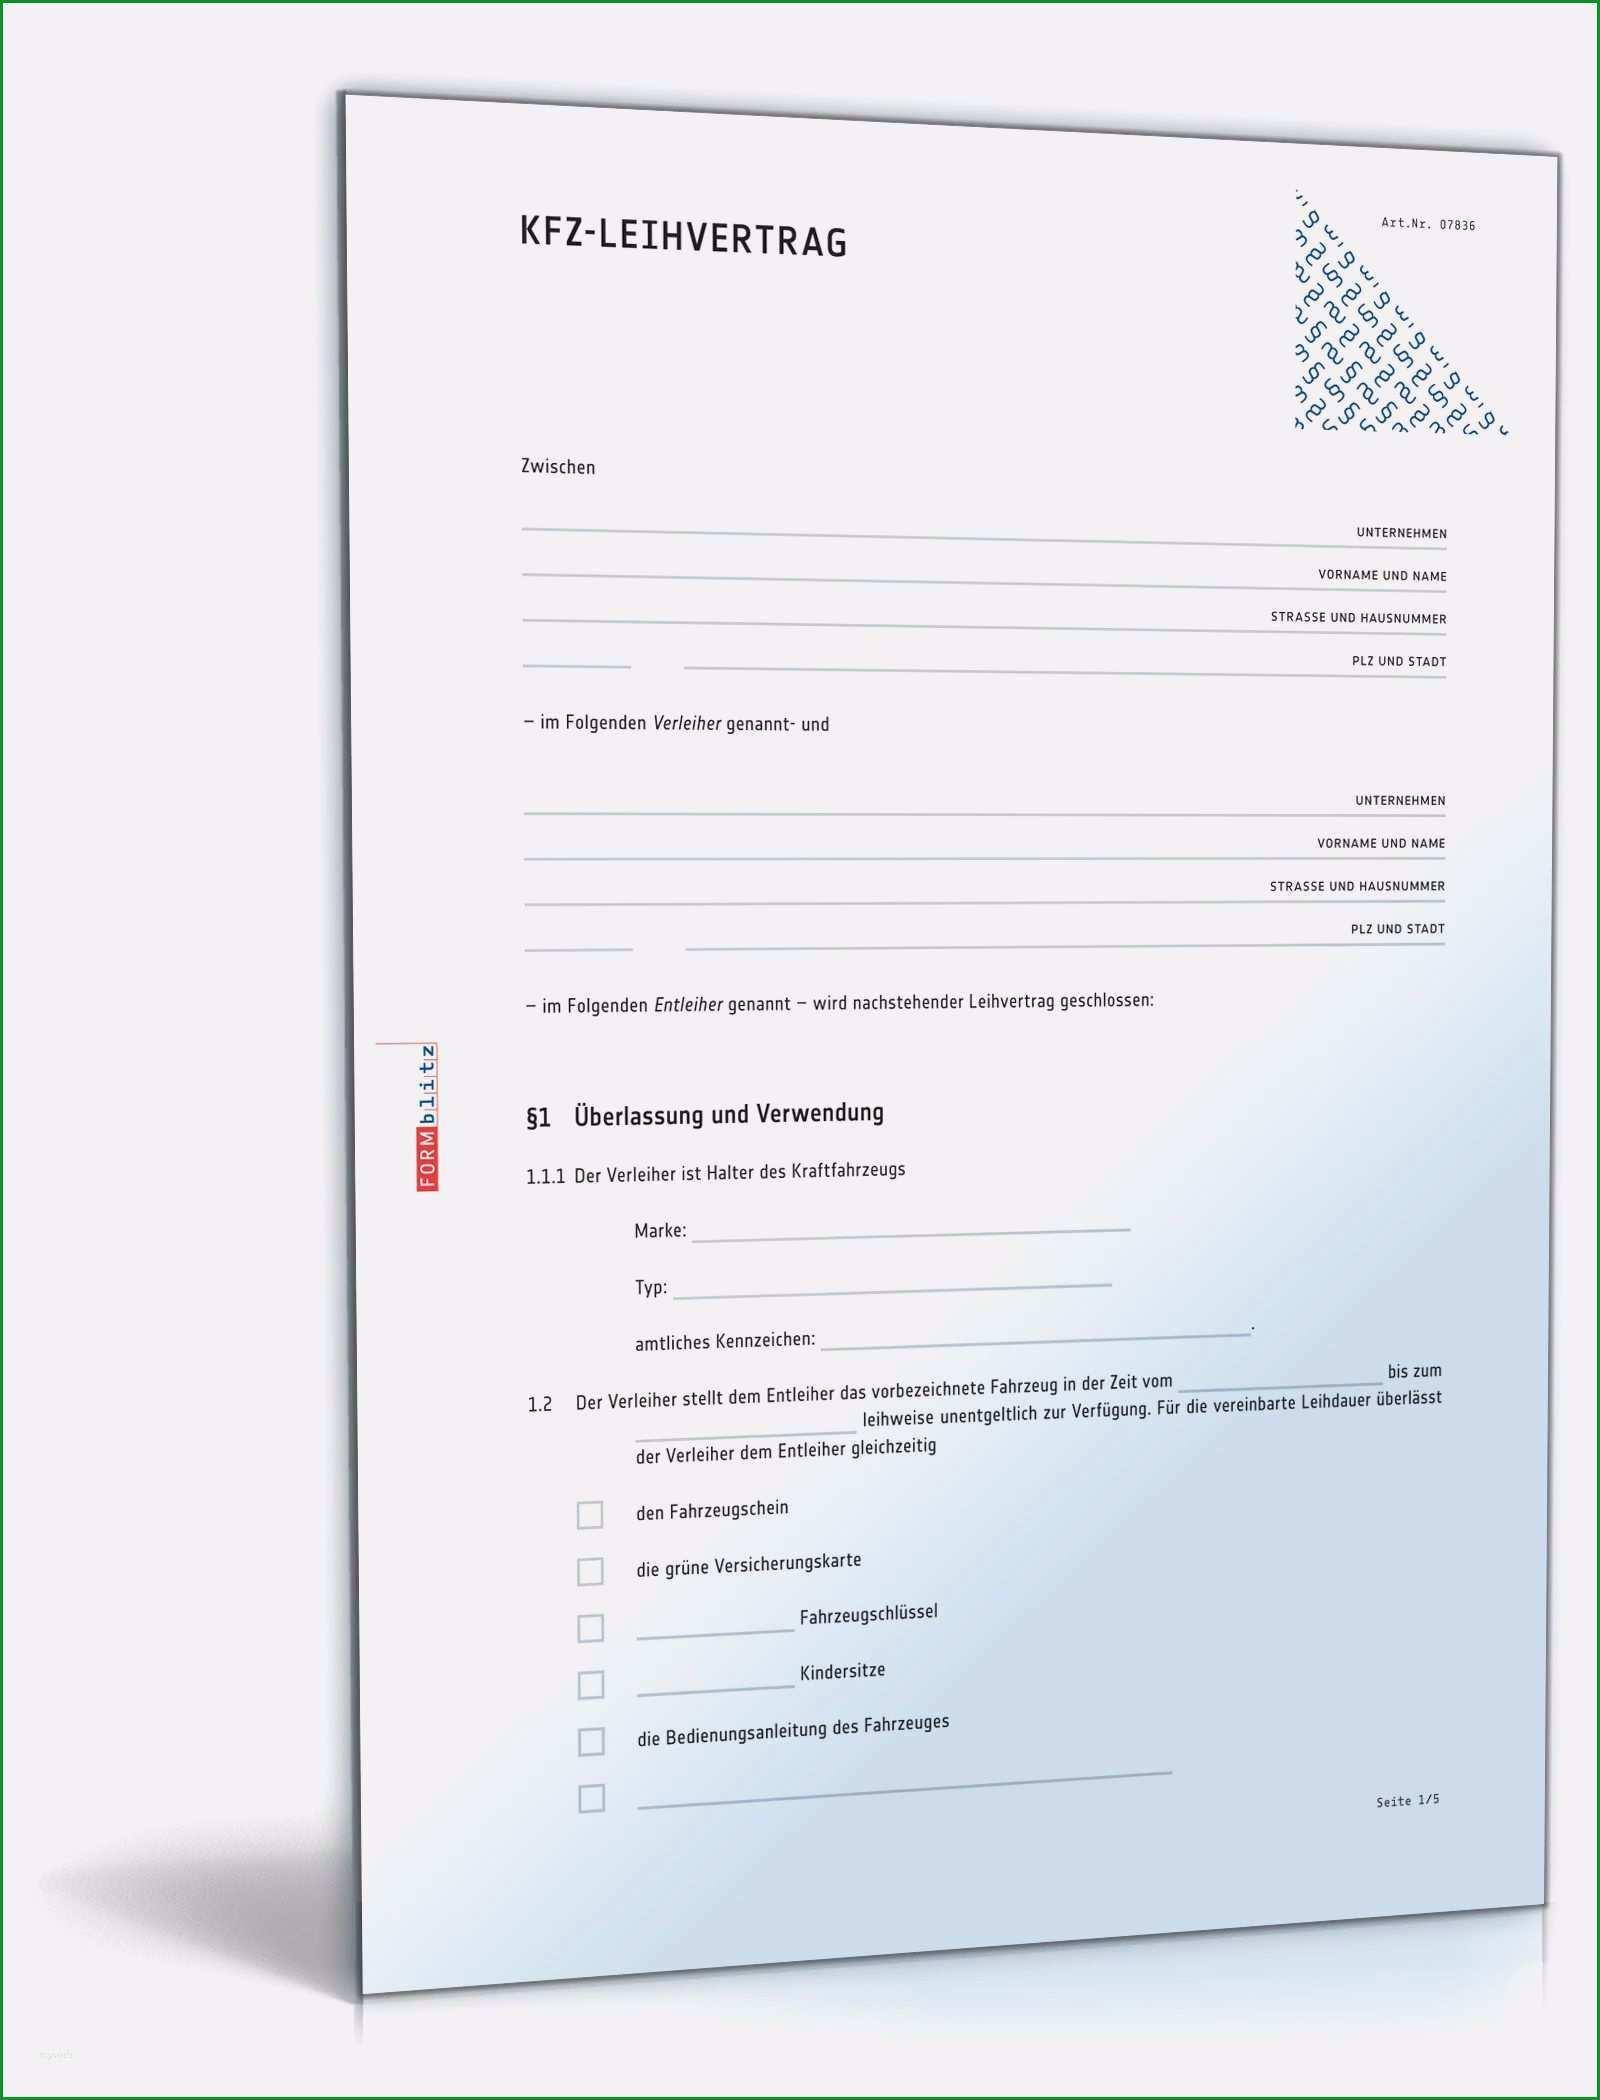 kundigung versicherung vorlage